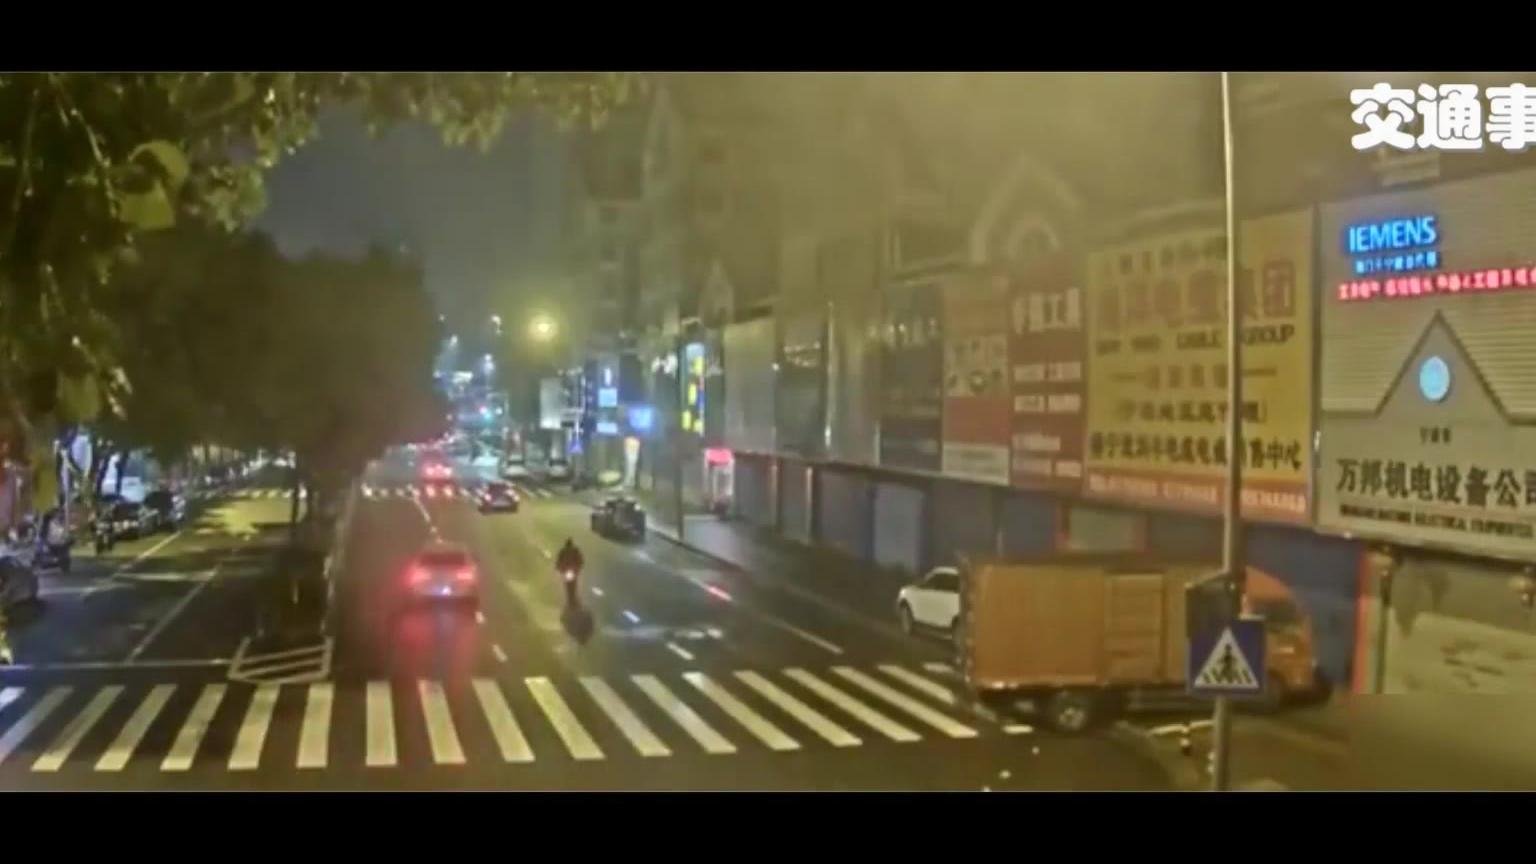 【交通事故】疲劳驾驶,撞向中央隔离带·······翻车!